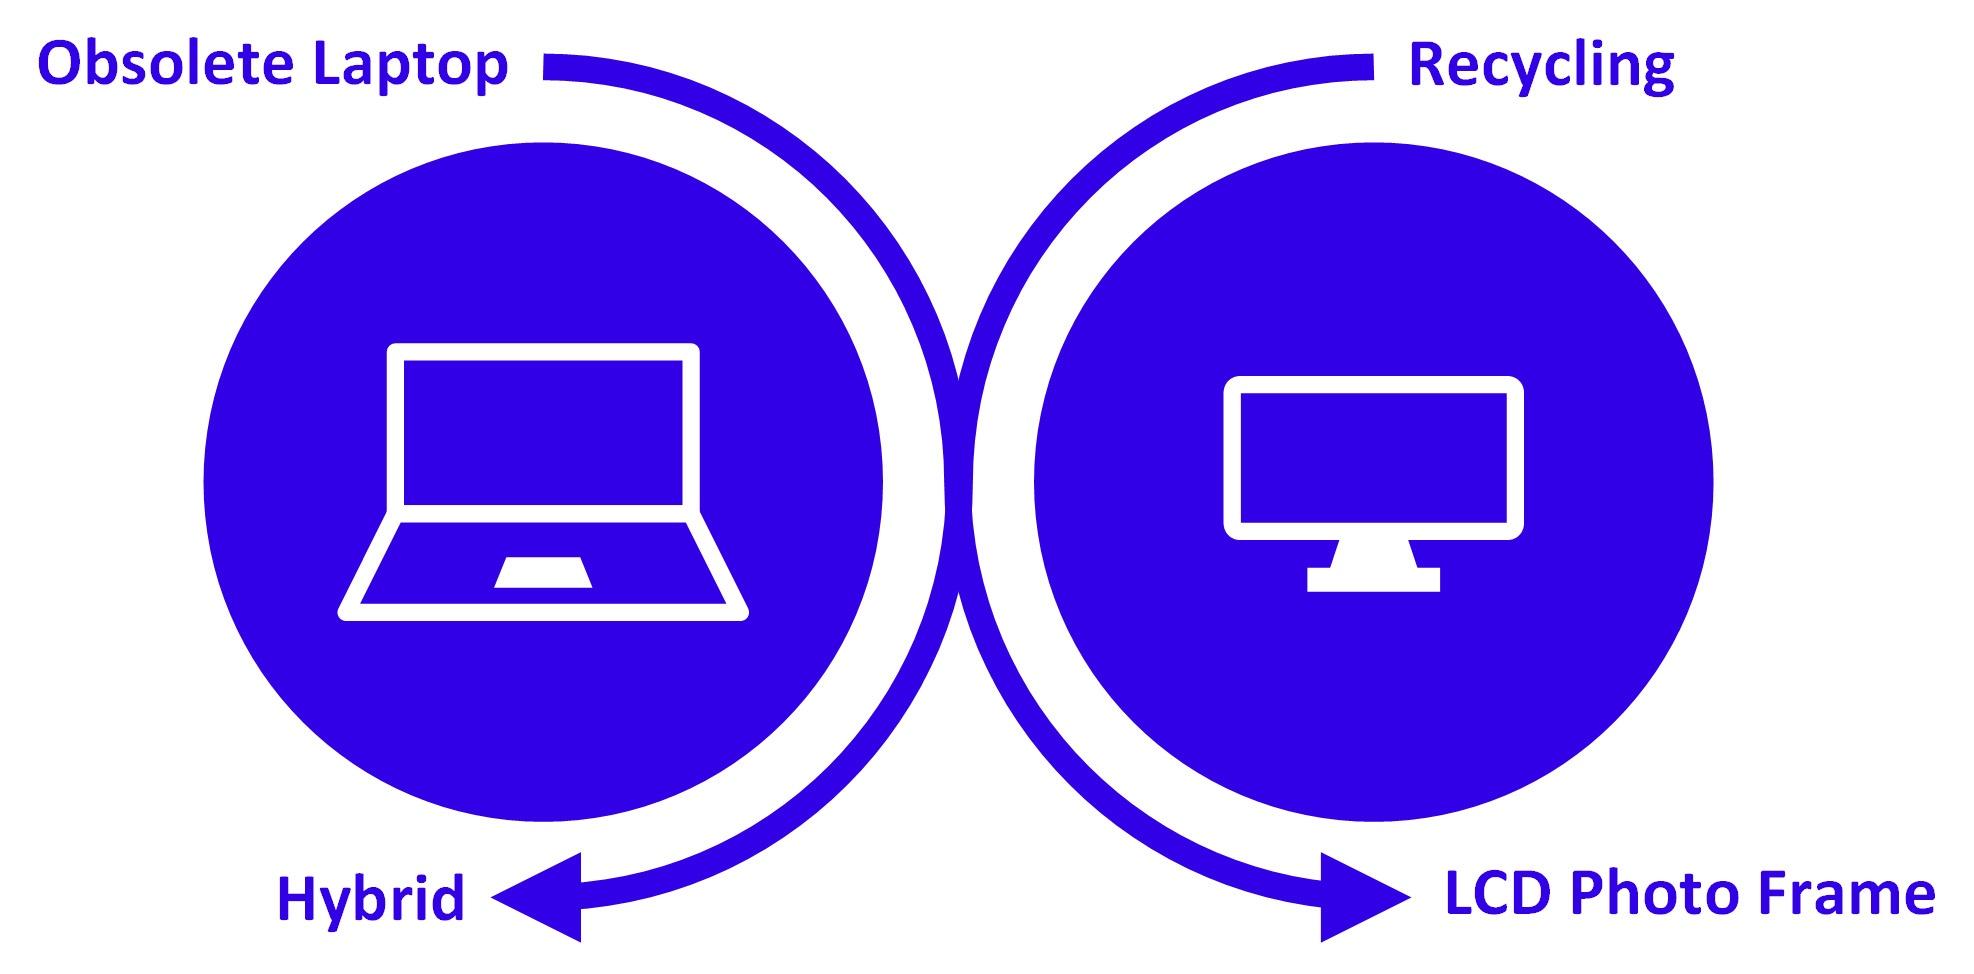 Hybrid Recycling Logo V2 - LCD Frame